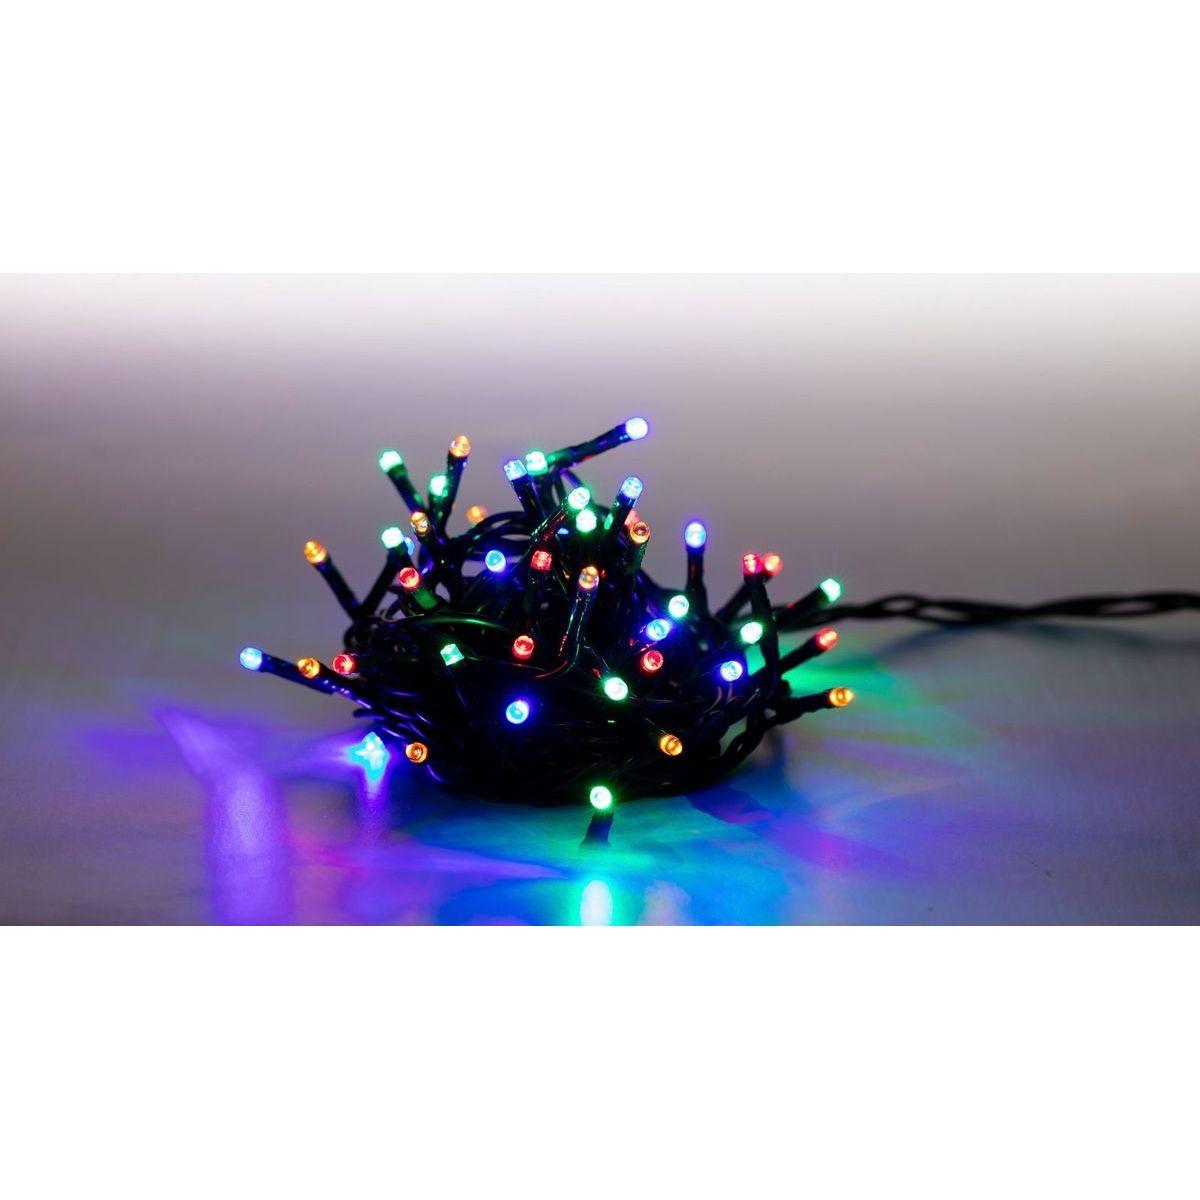 Řetěz světelný 100 LED 5 m barevná zelený kabel 8 funkcí